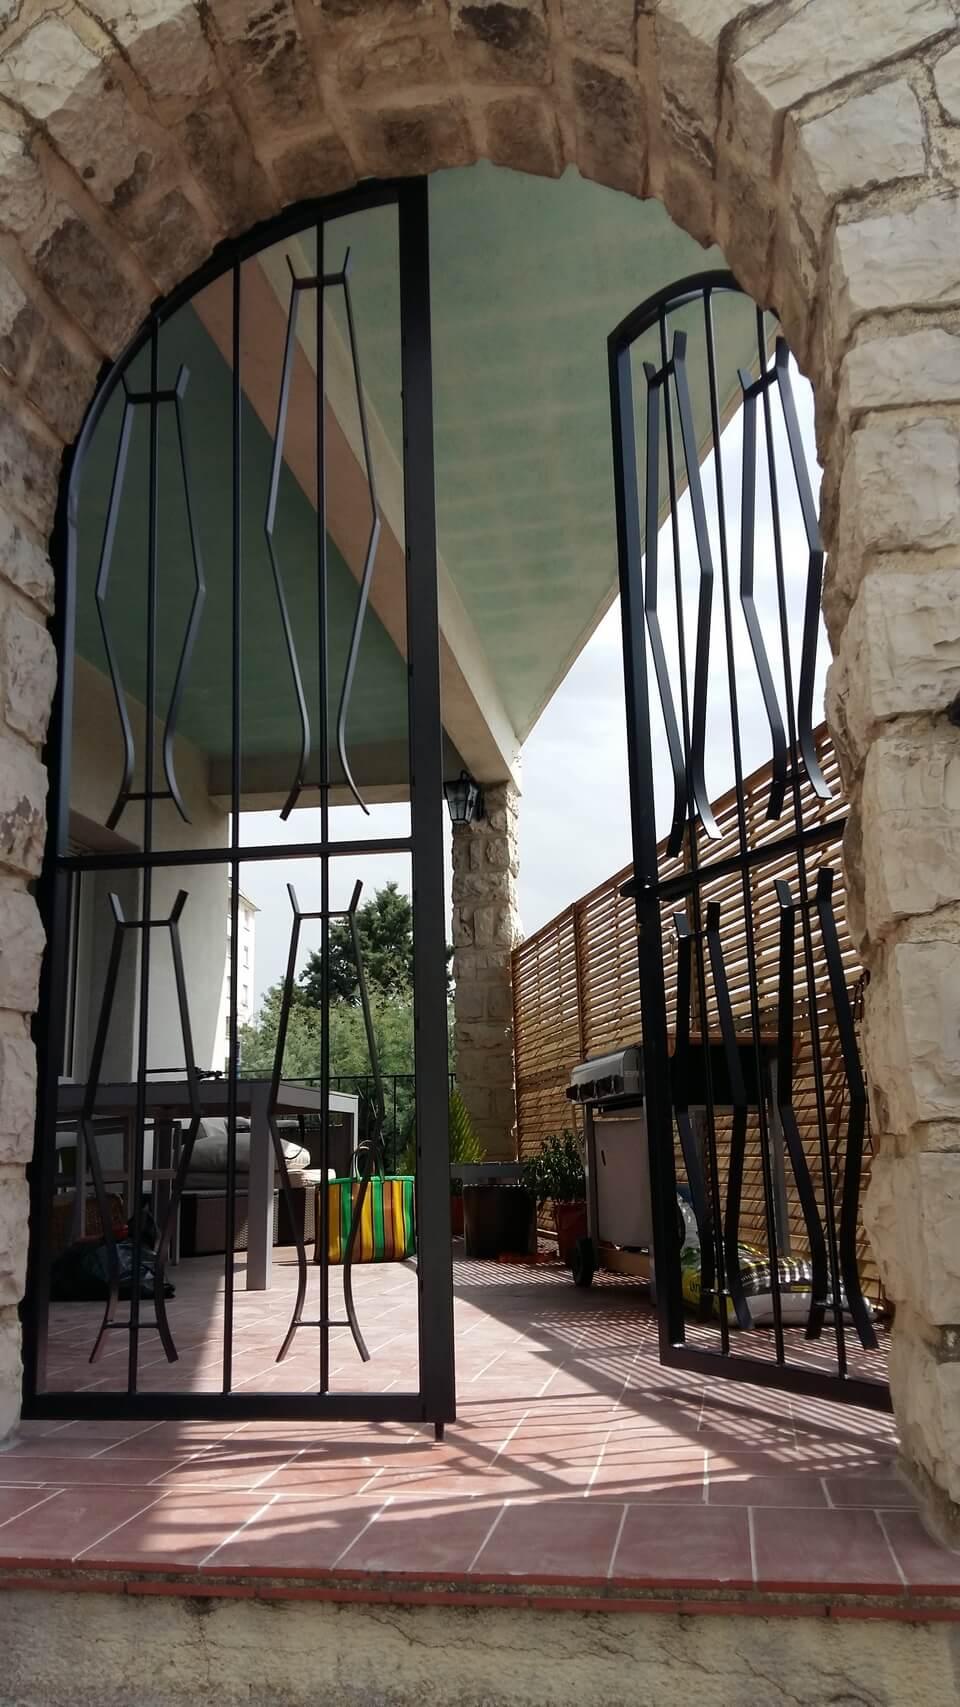 Porte double grille en arche vue des escaliers Métal'Rine